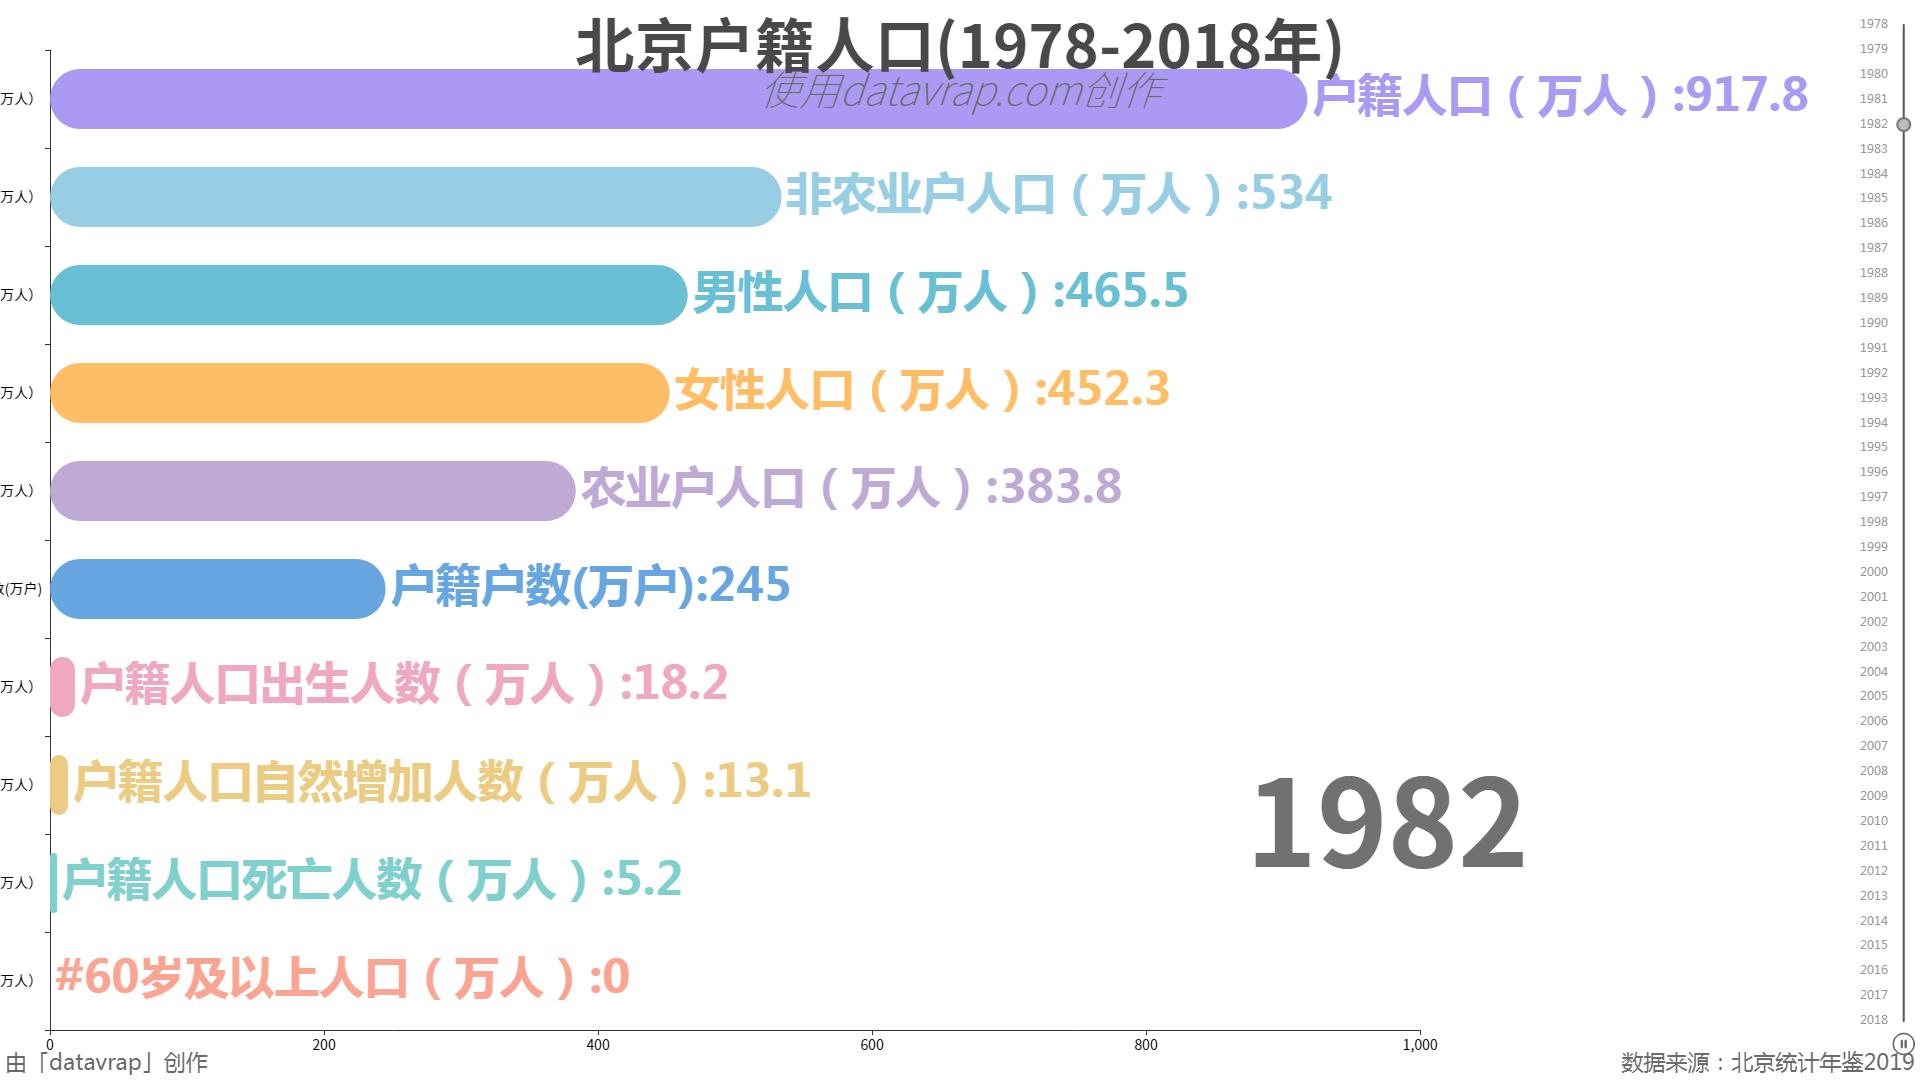 北京户籍人口(1978-2018年)